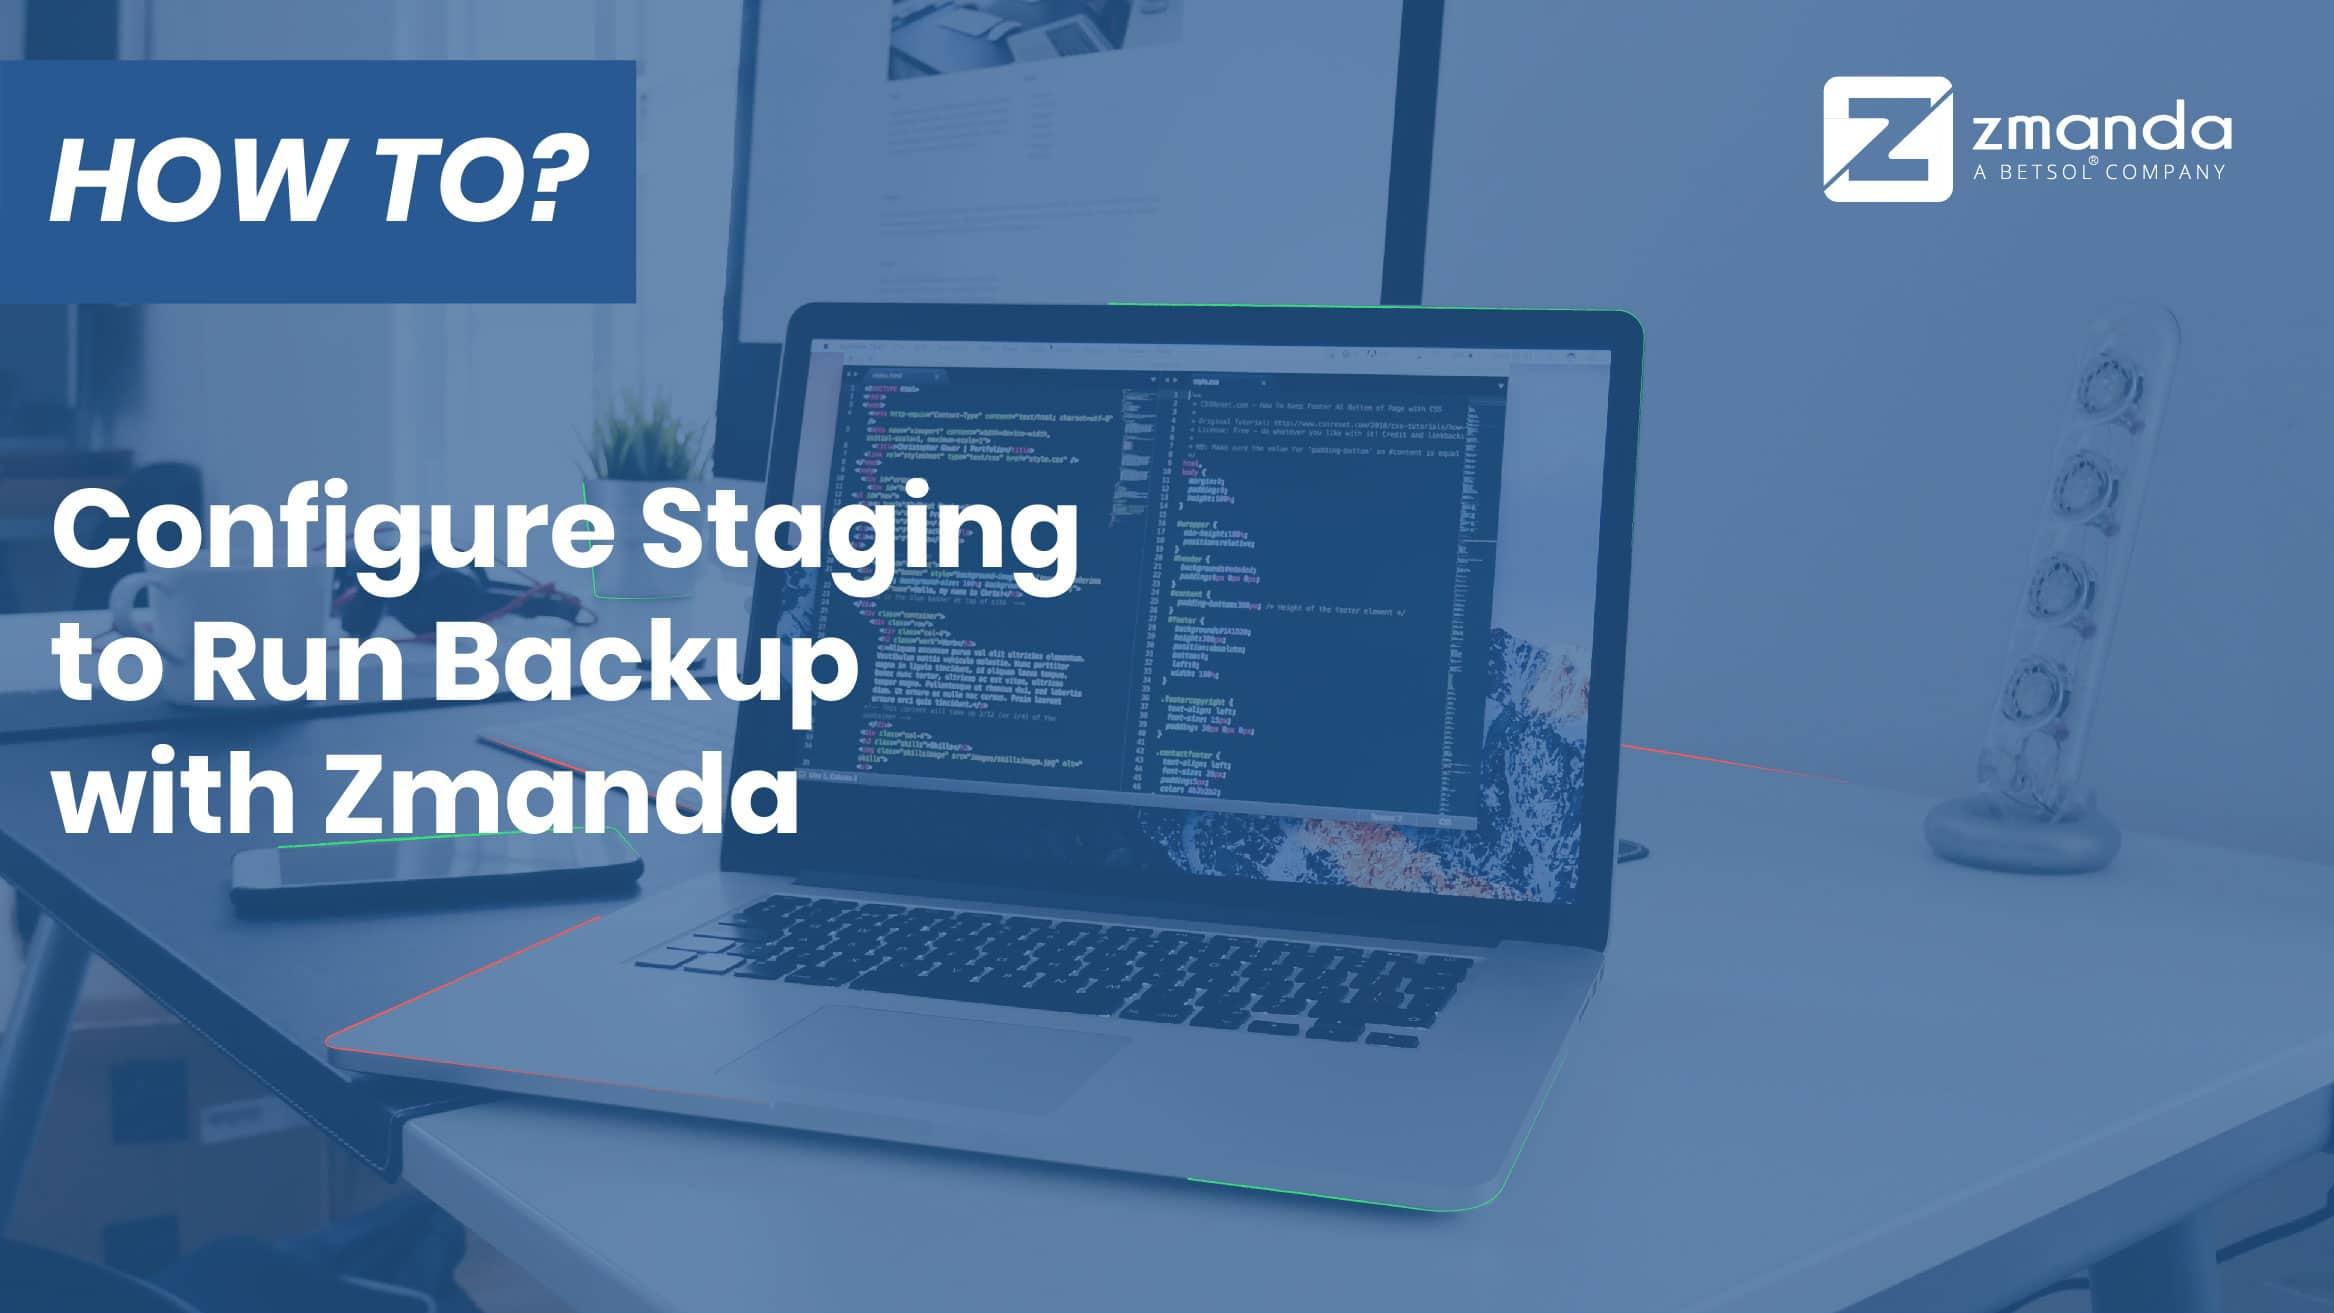 วิธีกำหนดค่าการจัดเตรียมเพื่อเรียกใช้การสำรองข้อมูลด้วย Zmanda